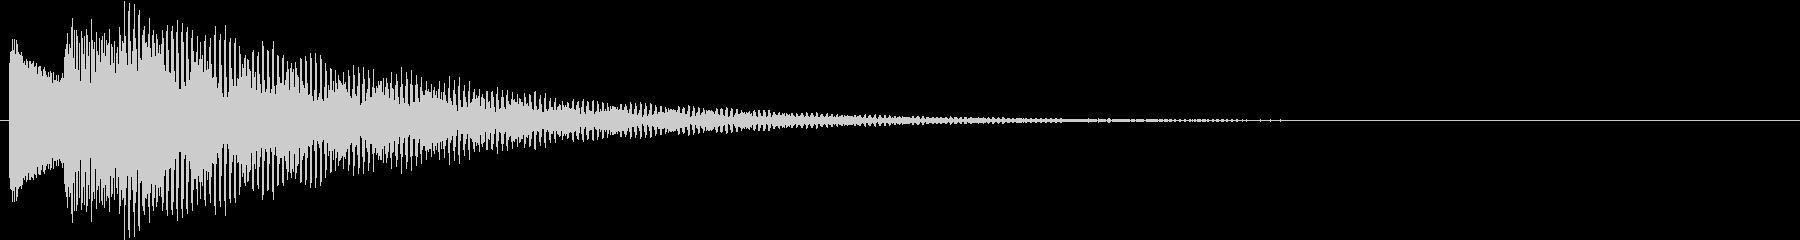 テレビ番組・動画テロップ・汎用UI音b_の未再生の波形